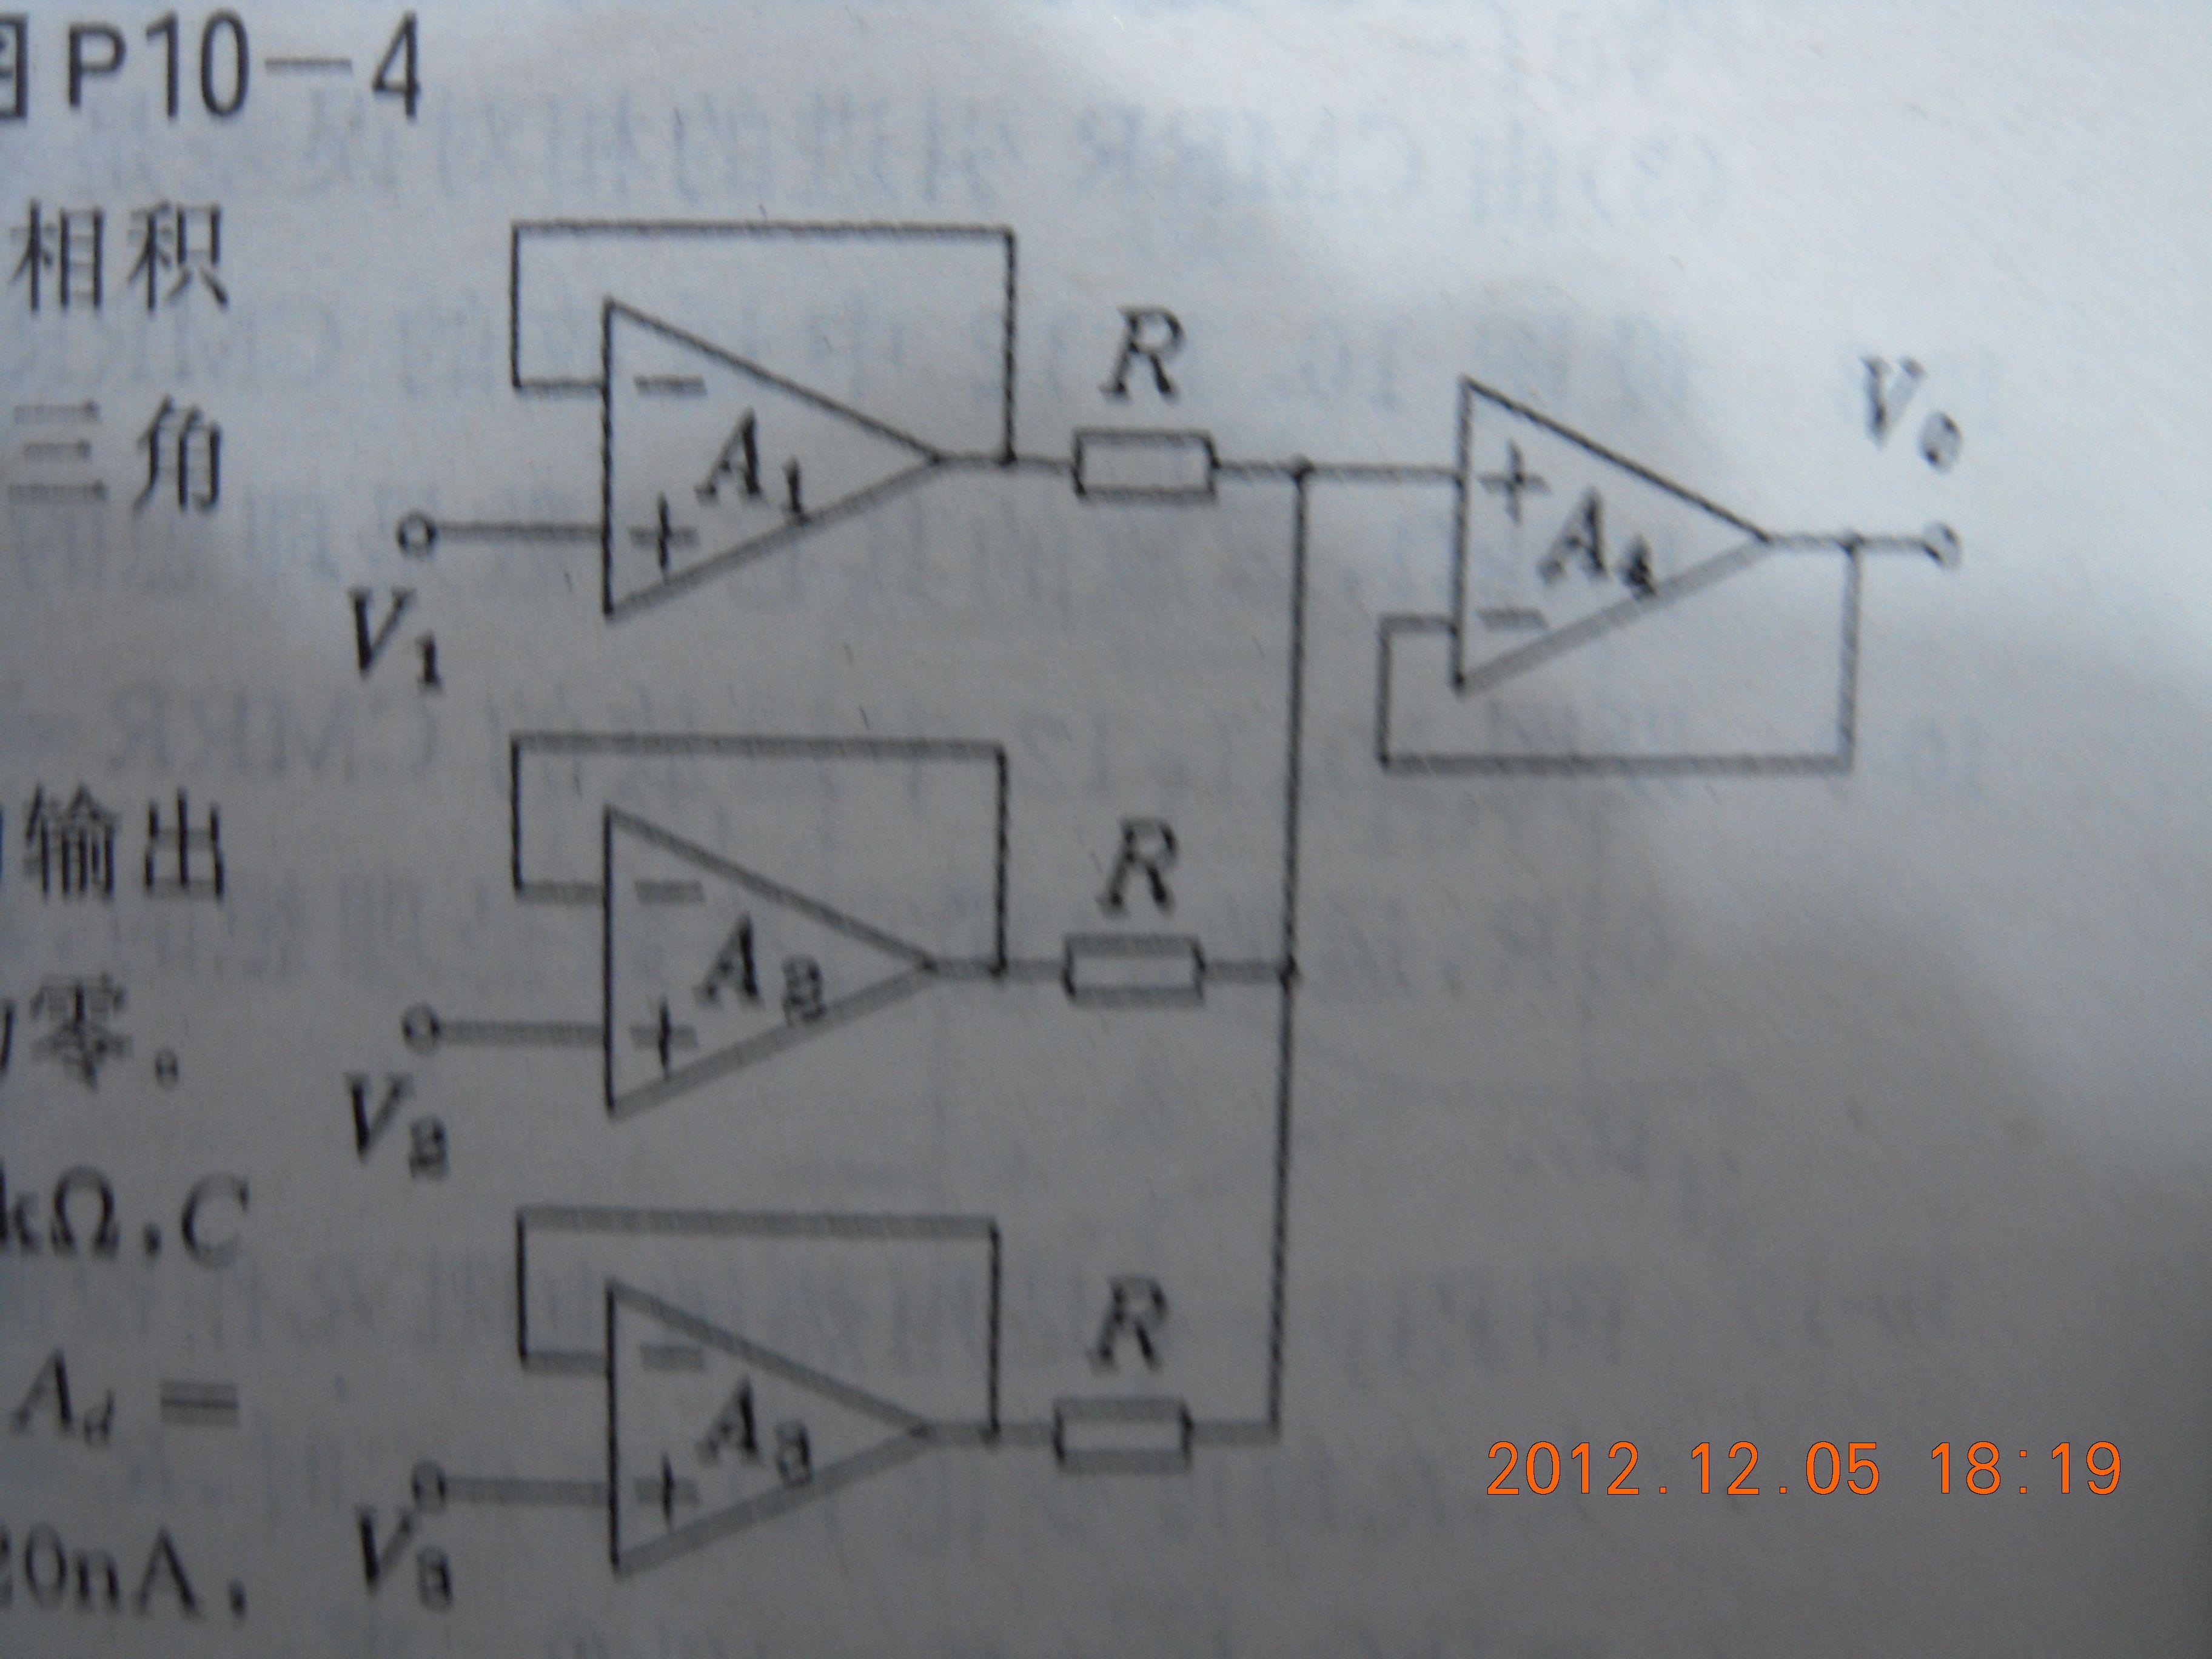 常用电压跟随器芯片_op07做电压跟随器,正负15v电源, 输入悬空的话 ,怎么让输出为0?